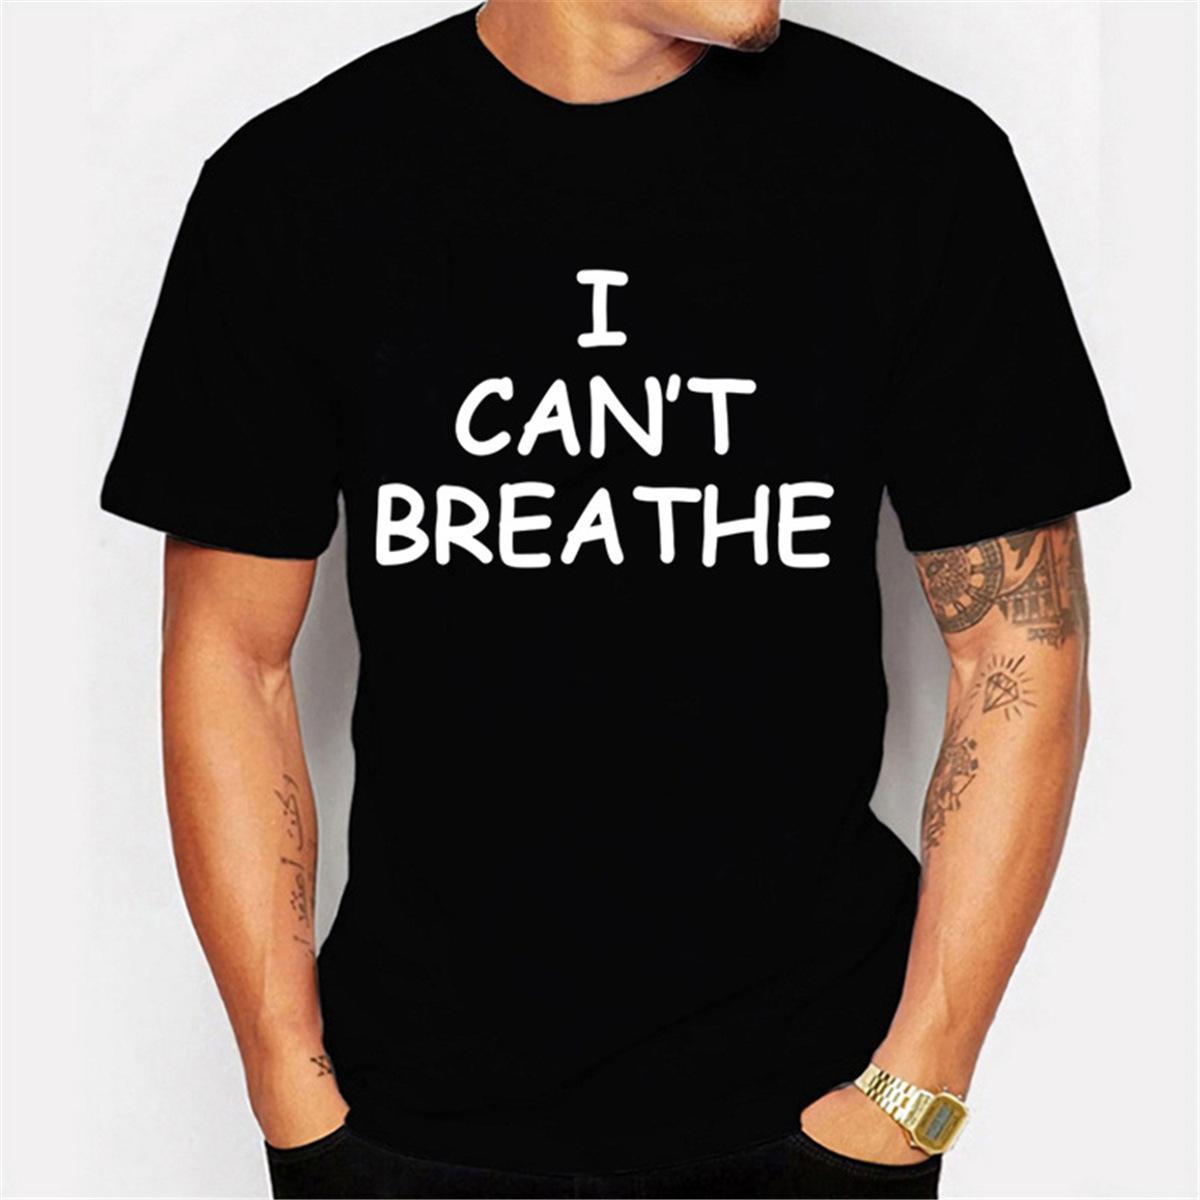 Fashion Men Casual T-Shirt für den Sommer 2020 neuen T-Shirt mit dem Buchstaben gedruckt Atem Able Männer Tees Streetwear Kleidung Kleid Größe S-3XL